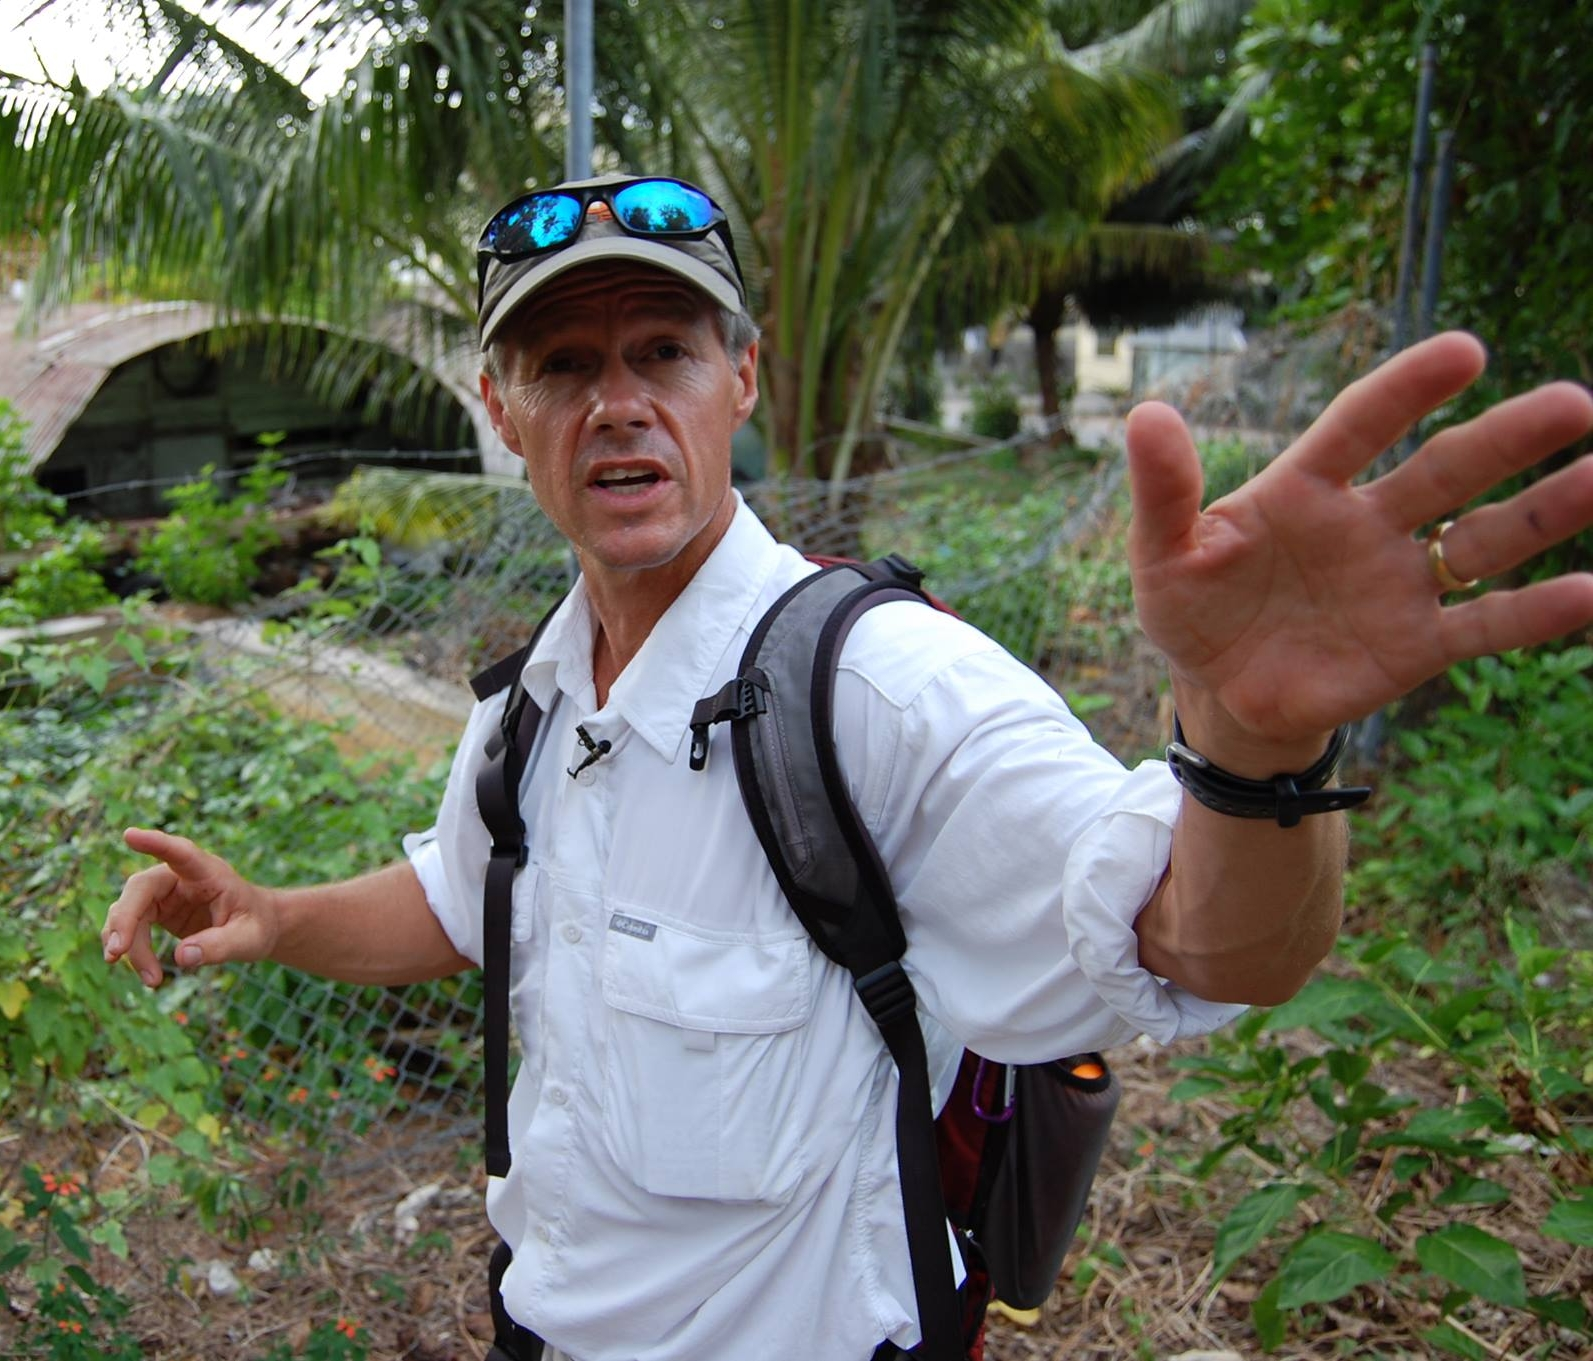 Journalist Clay Evans